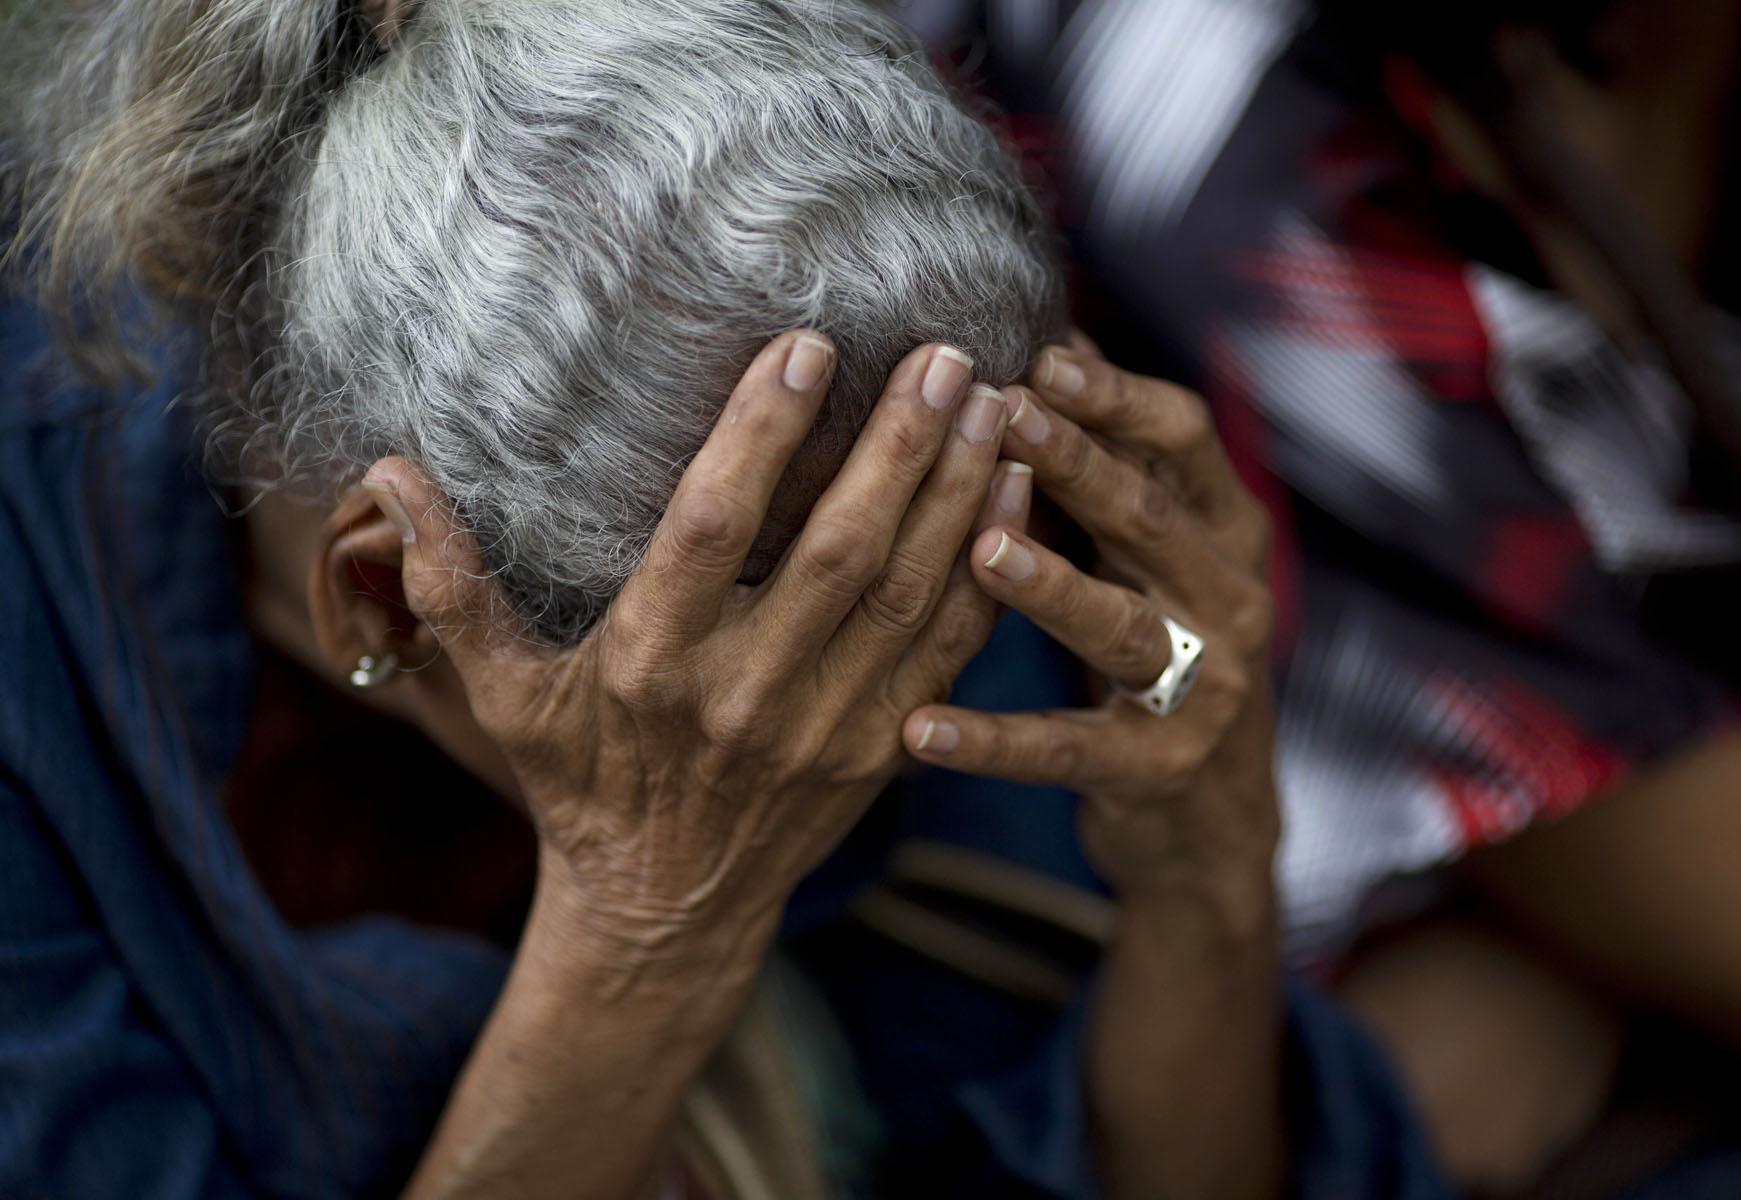 En esta imagen, tomada el 3 de mayo de 2016, una mujer se sostiene la cabeza entre las manos mientras espera en una fila en el exterior de un supermercado para comprar comida, en Caracas, Venezuela. Nueve de cada 10 personas dicen que no pueden comprar alimentos suficientes, de acuerdo con un estudio de la Universidad Simón Bolívar. (AP Foto/Ariana Cubillos)